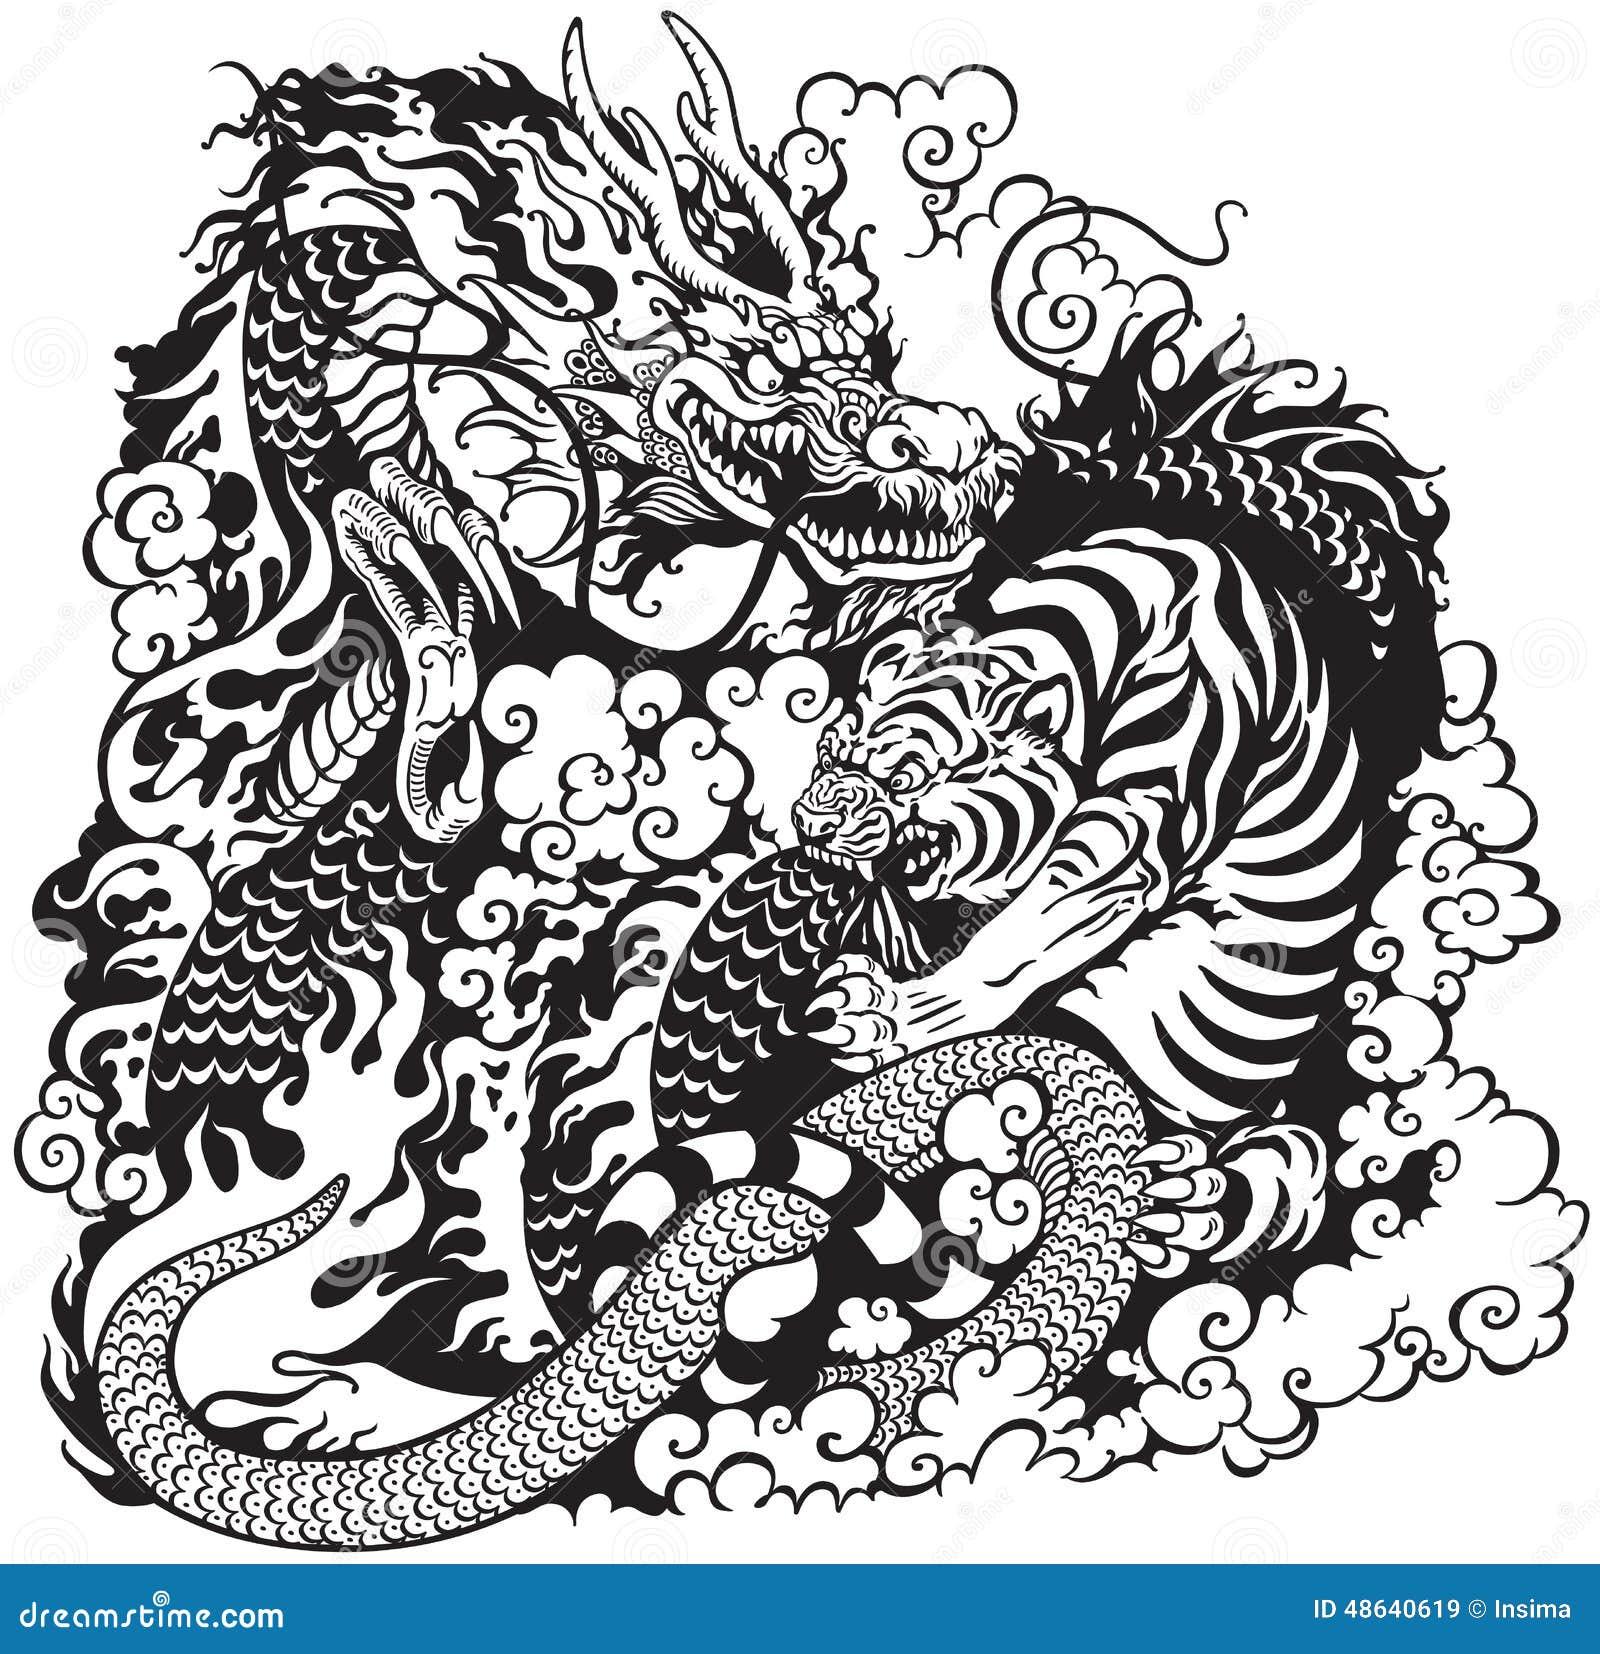 龙和老虎战斗,黑白纹身花刺例证.